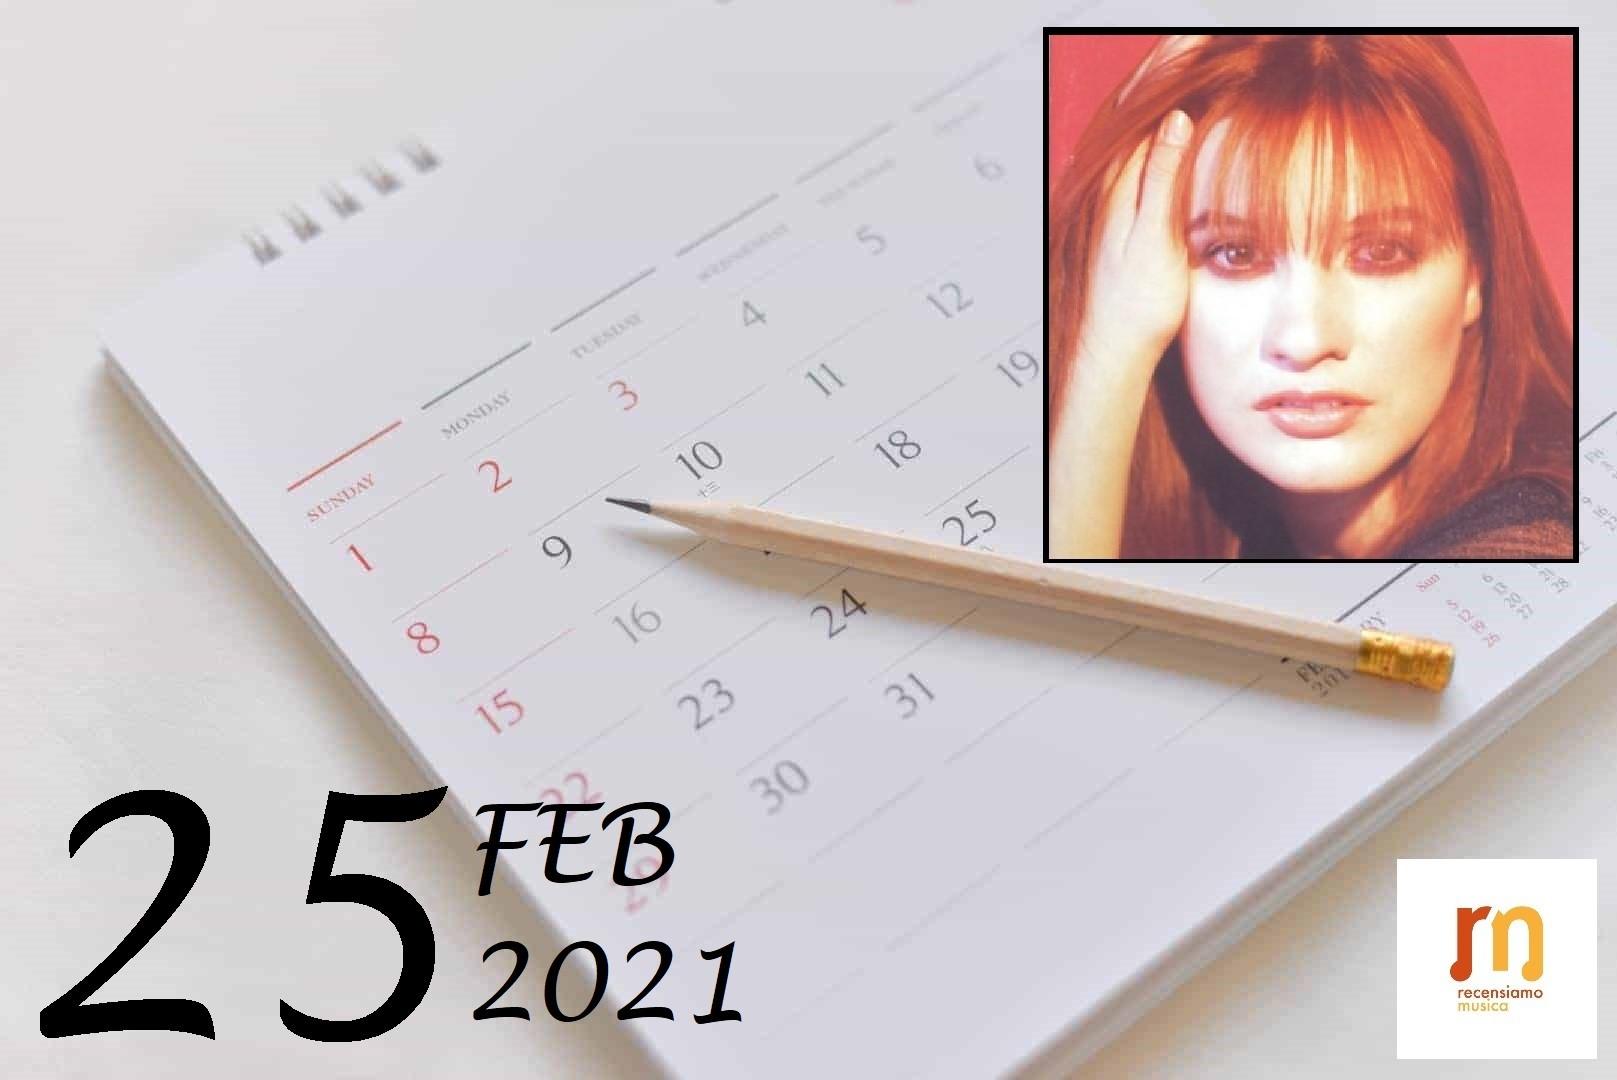 25 febbraio